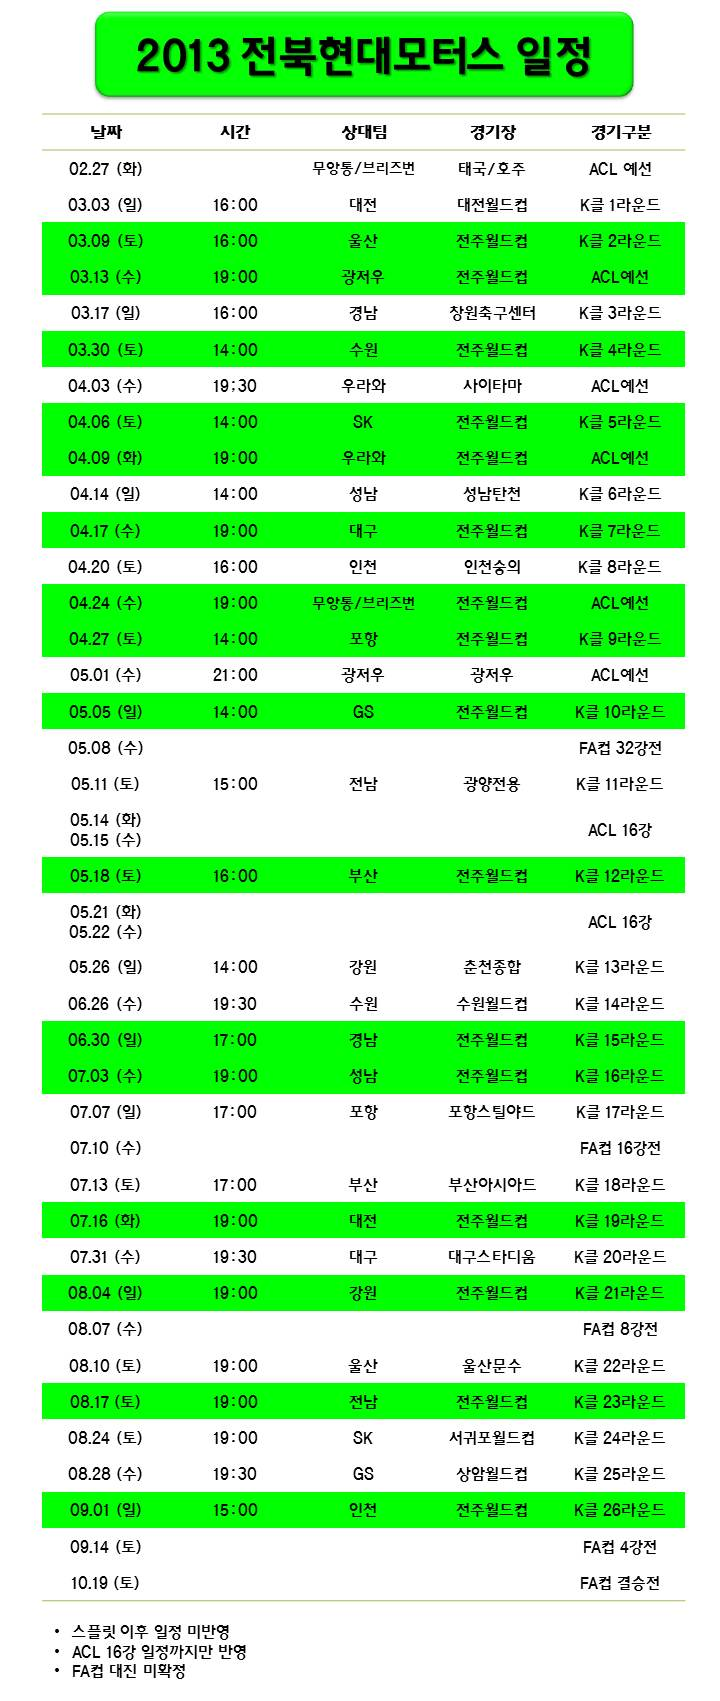 2013 전북 일정 v2.0.jpg